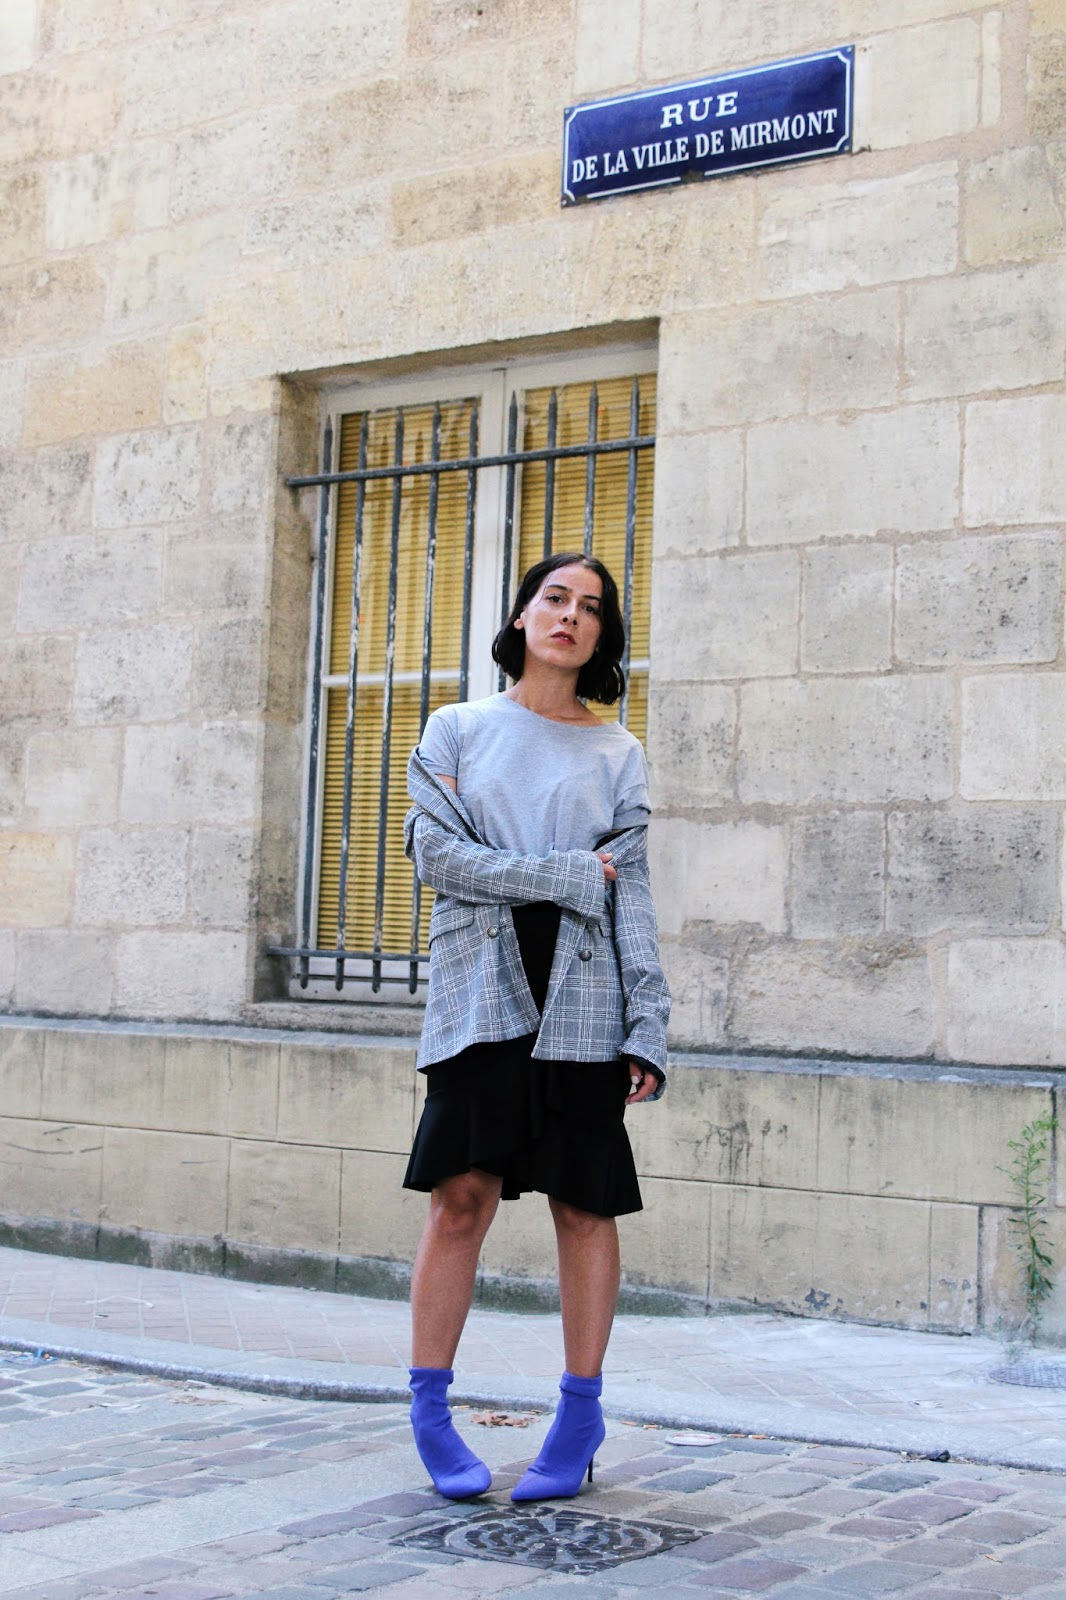 idée-de-look-blazer-carreaux-bottines-chaussettes